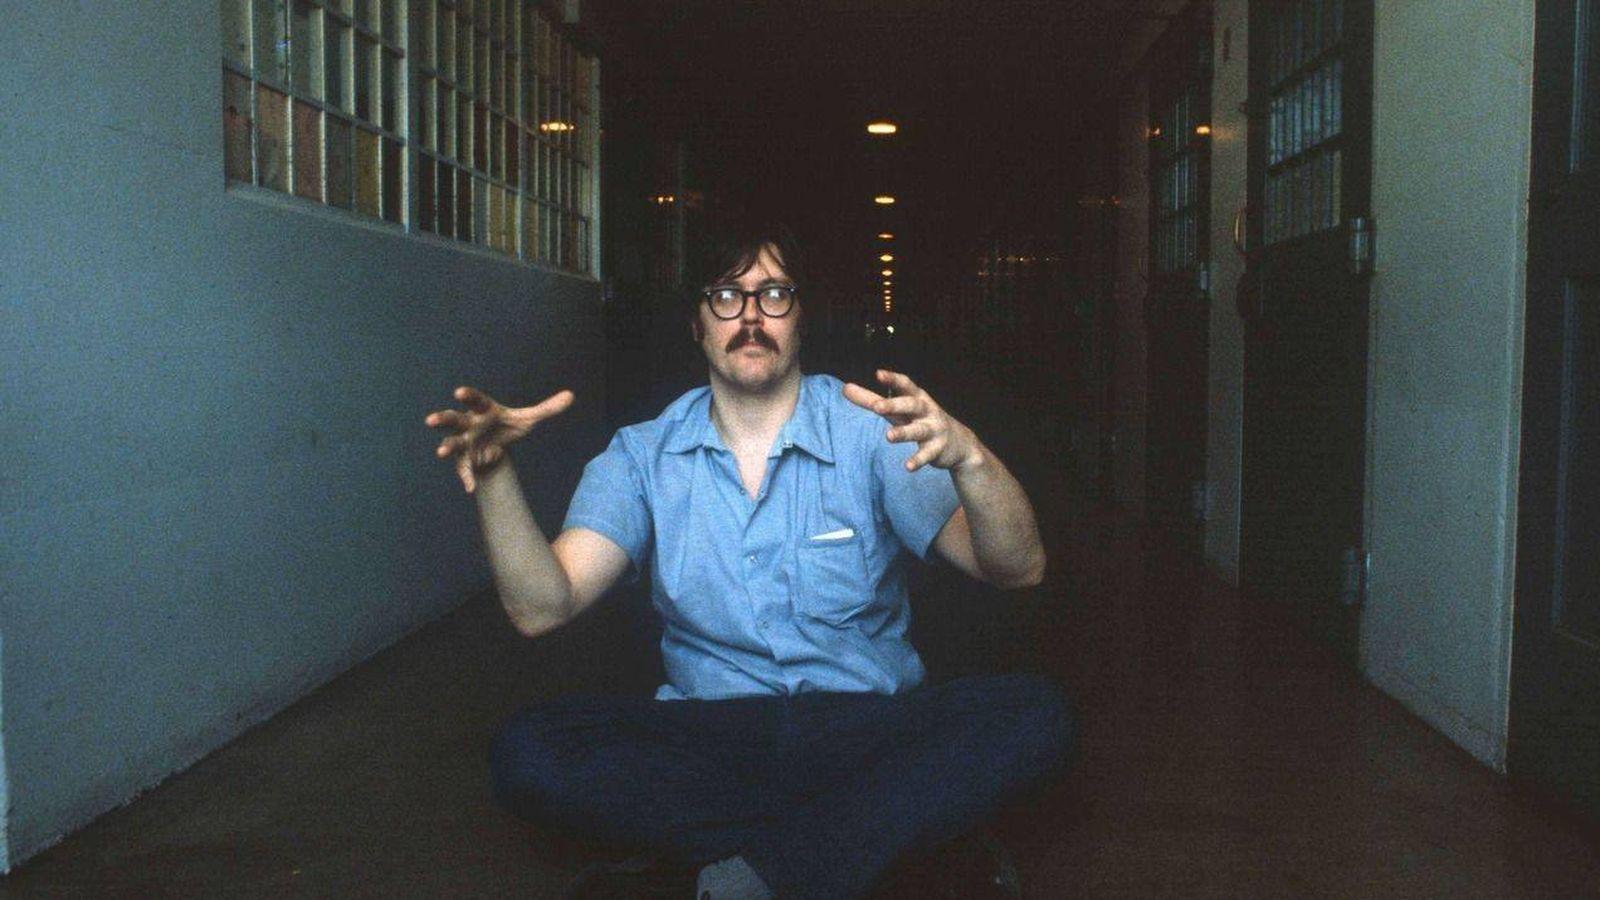 Foto: Ed Kemper, uno de los asesinos más conocidos que entrevistó John E. Douglas.